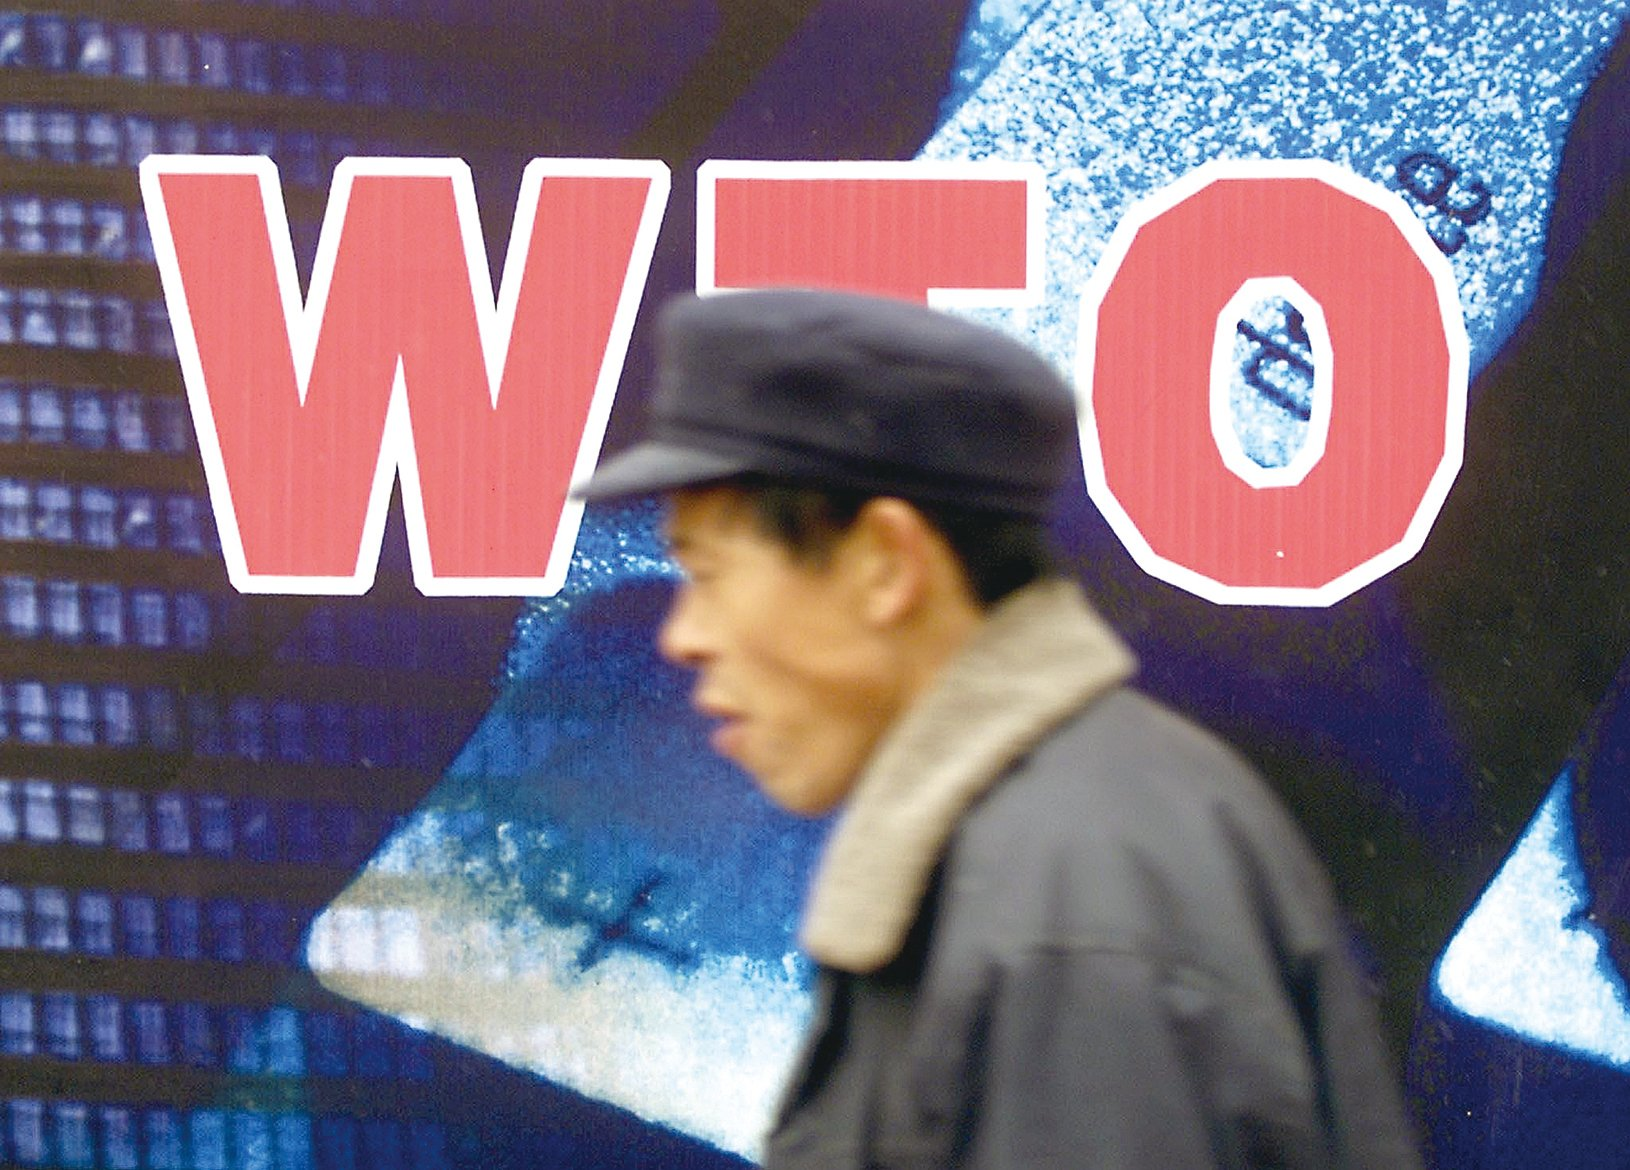 2001年「入世」以來中國已經發生了巨大的變化,但外界認為中共全面干預經濟的體制本質並未改變。這讓中國獲得「市場經濟地位」的努力遭遇挫折。圖為2001年12月10日中國「入世」前一天北京街頭。(AFP)